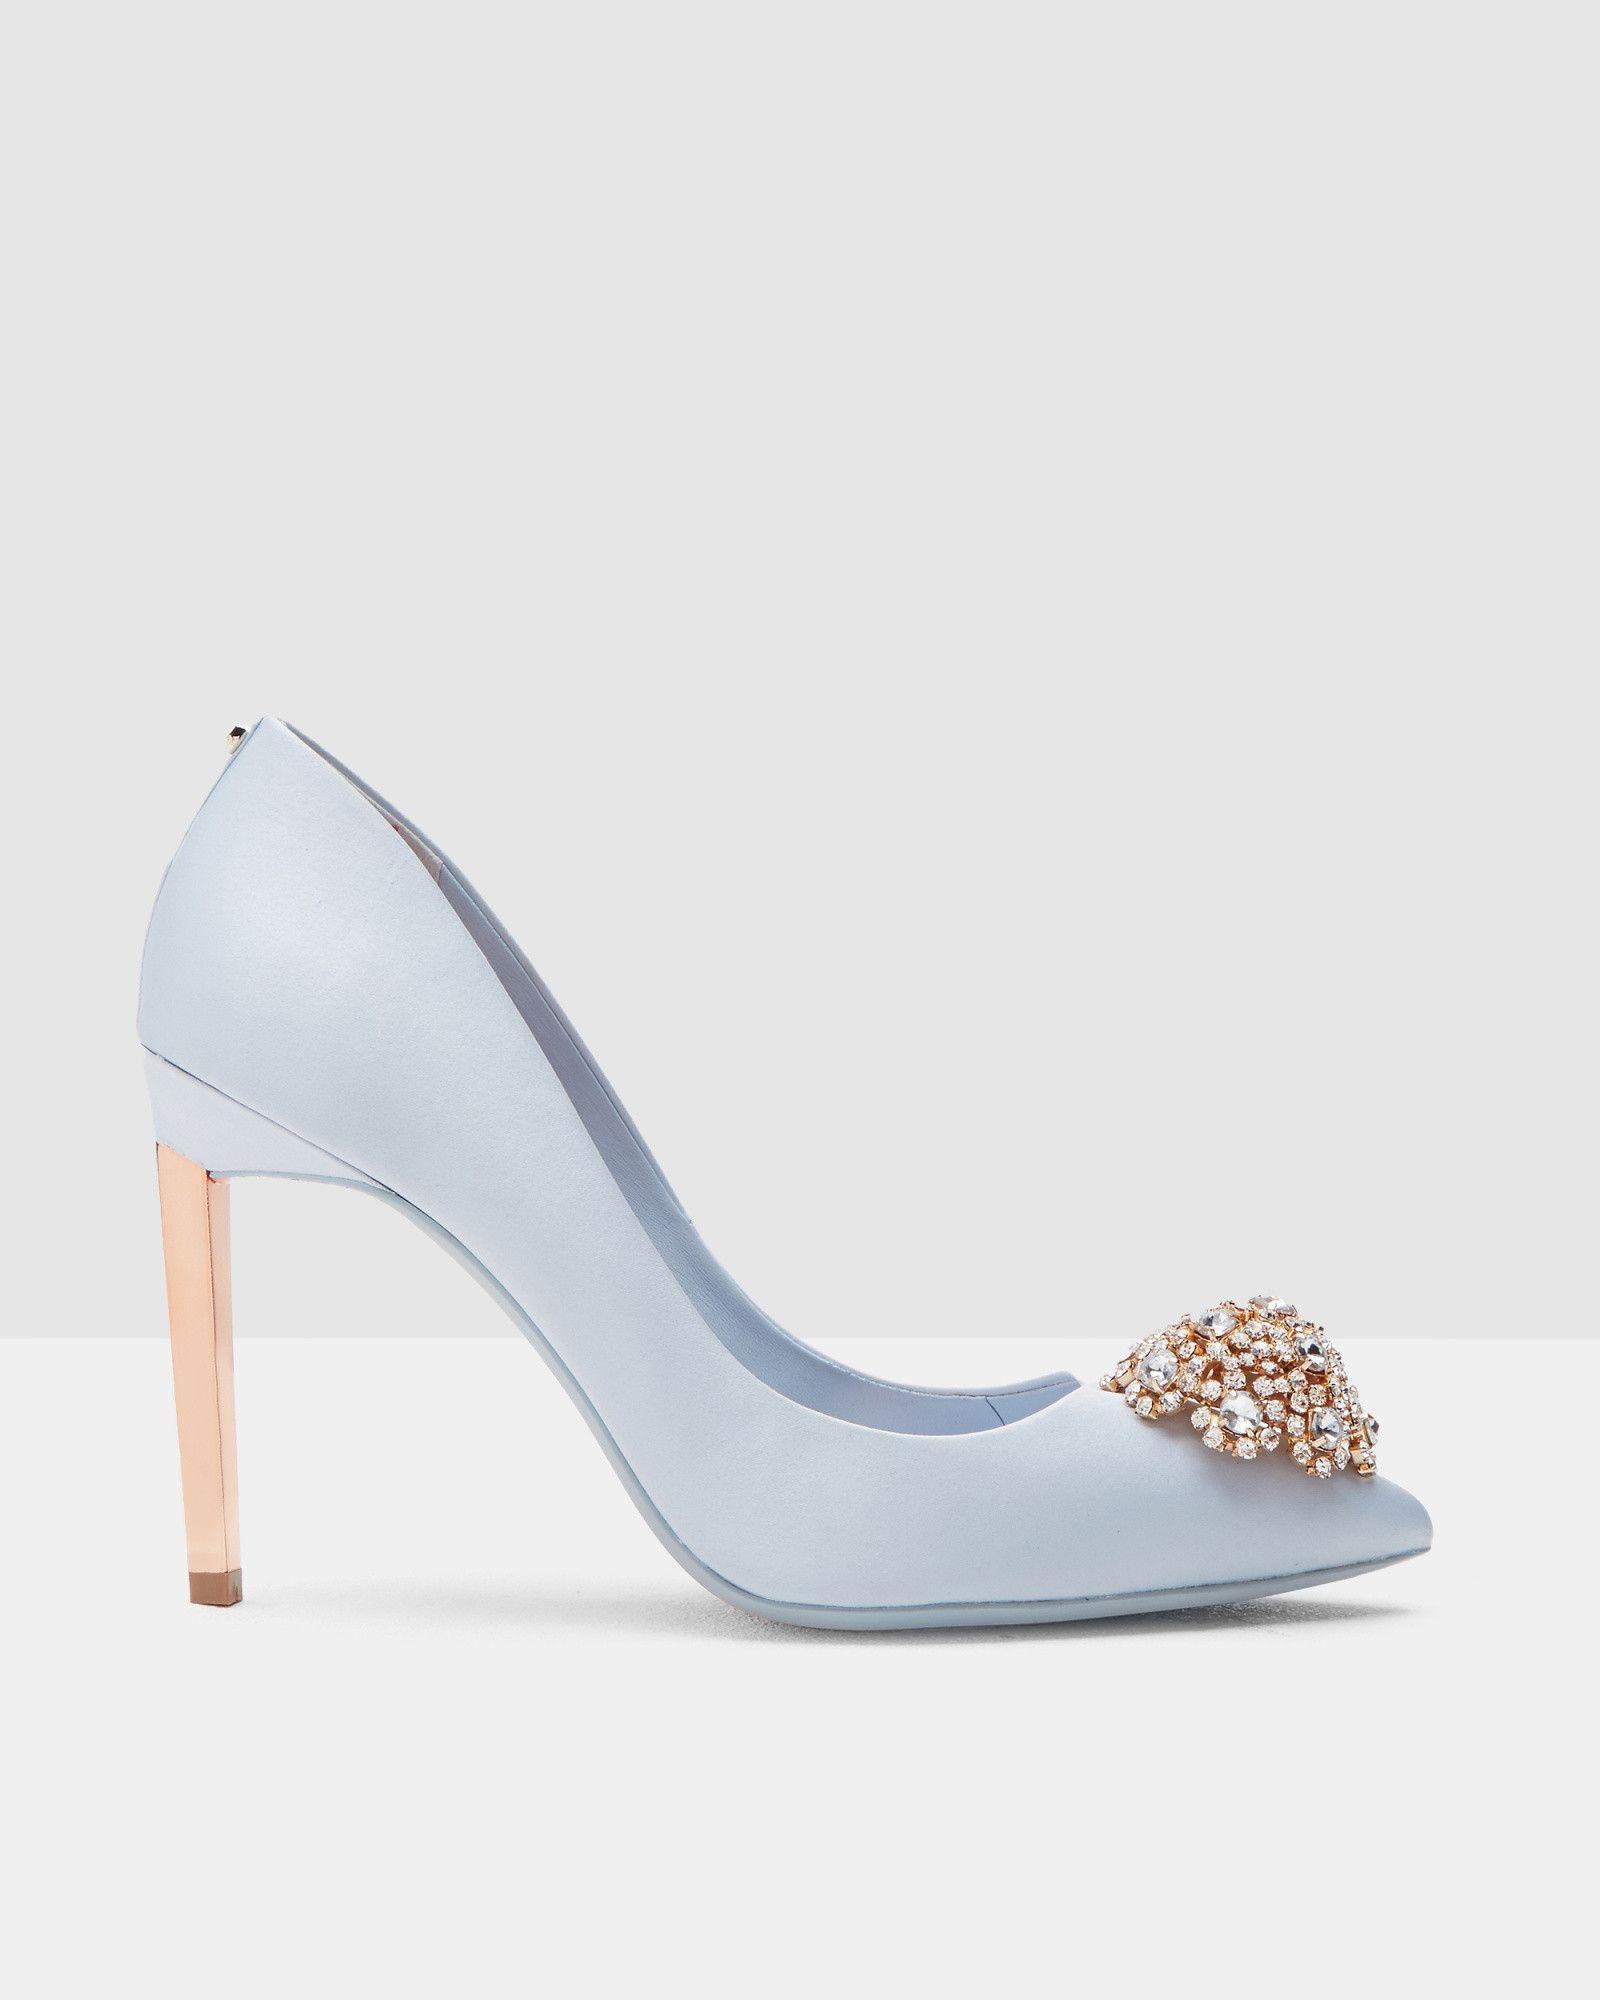 Pumps mit Broschendetail - Hellblau | Schuhe | Ted Baker DE | Schuhe ...